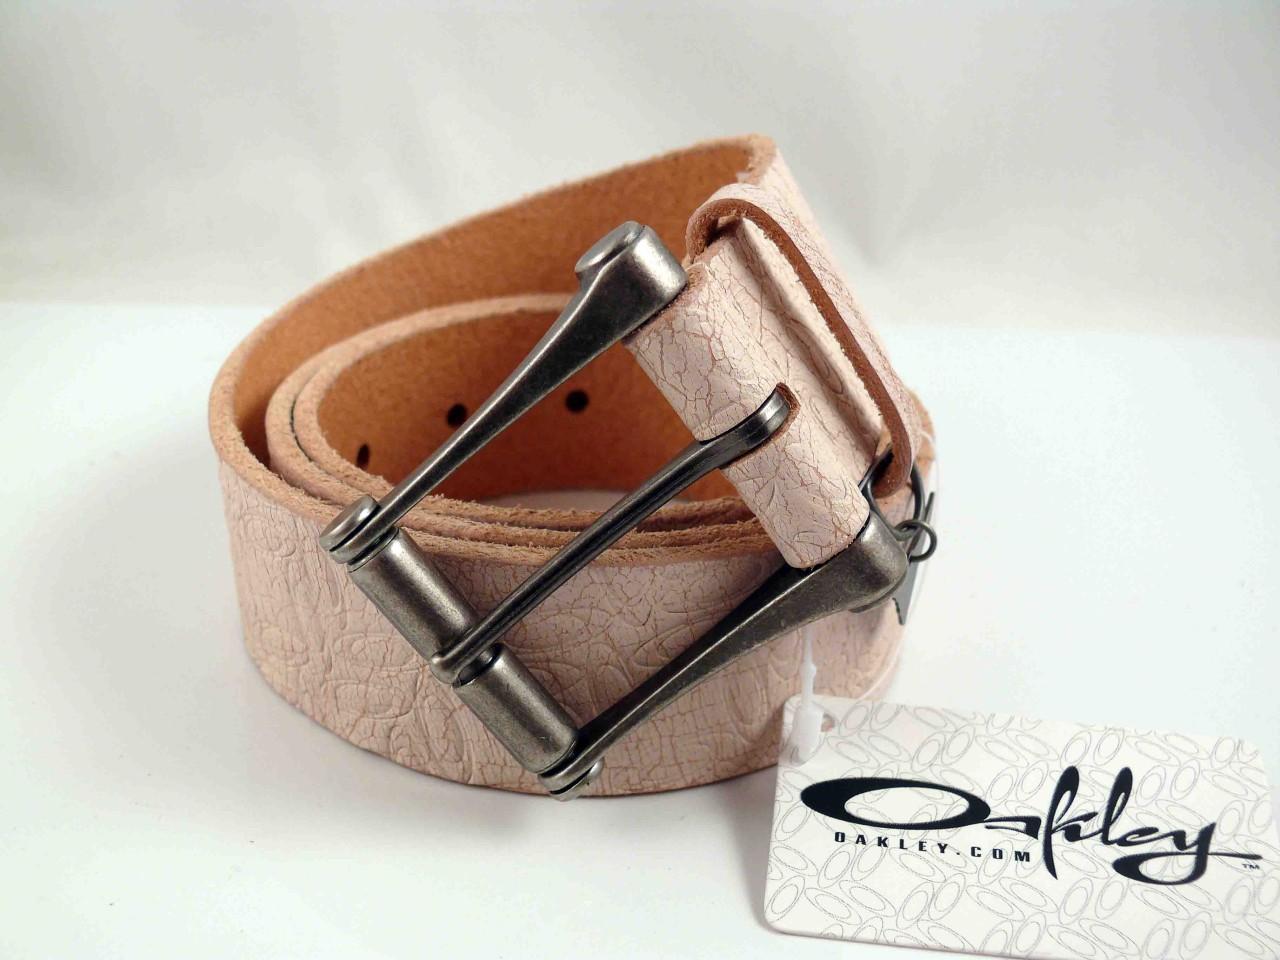 dcecd3720db Oakley Ellipse Belt 2 0 « One More Soul